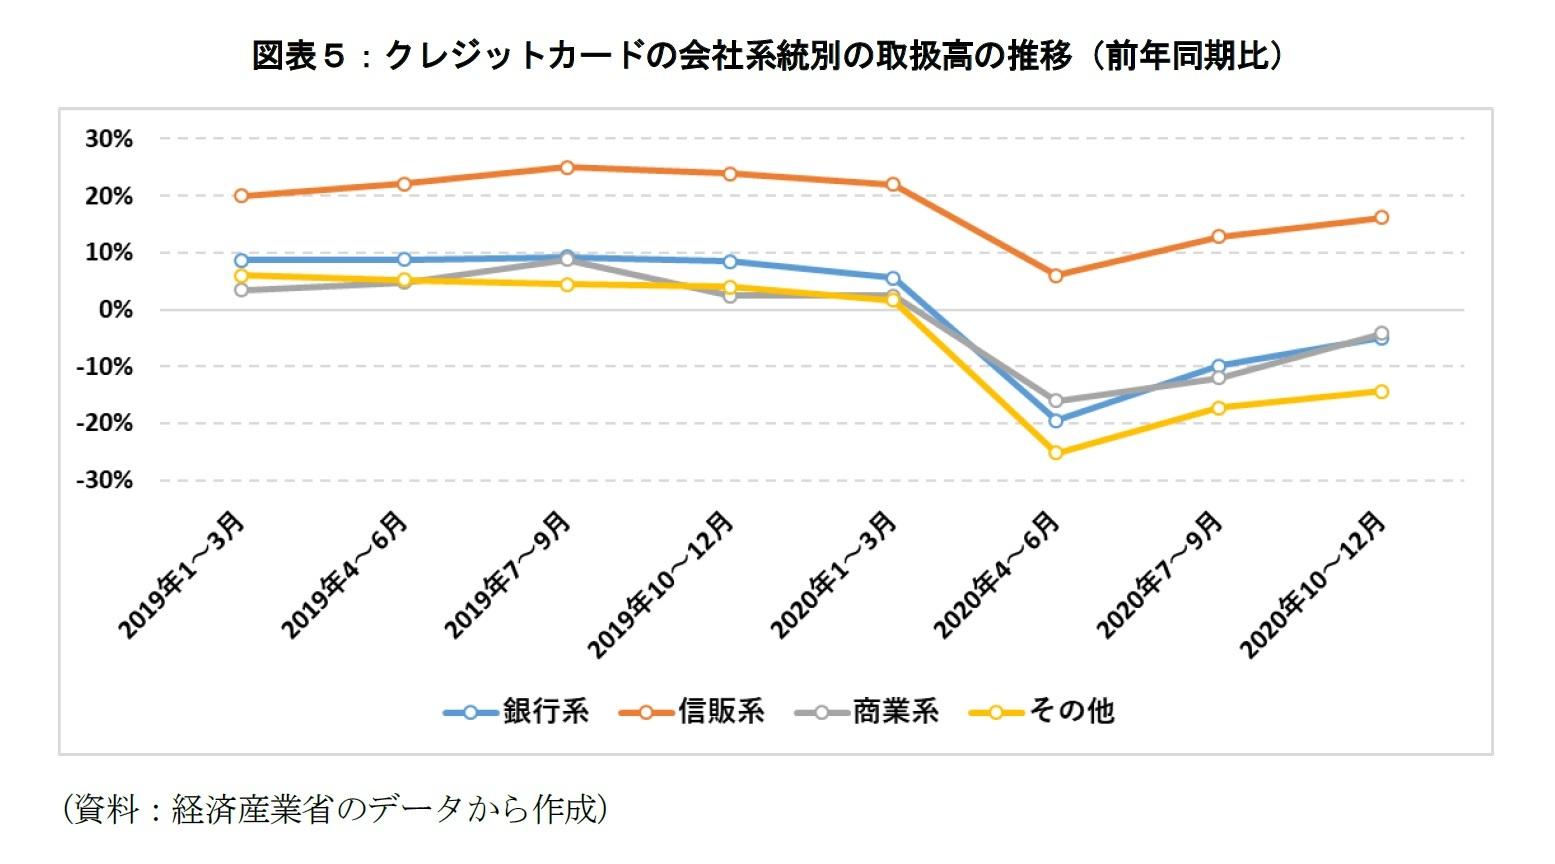 図表5:クレジットカードの会社系統別の取扱高の推移(前年同期比)